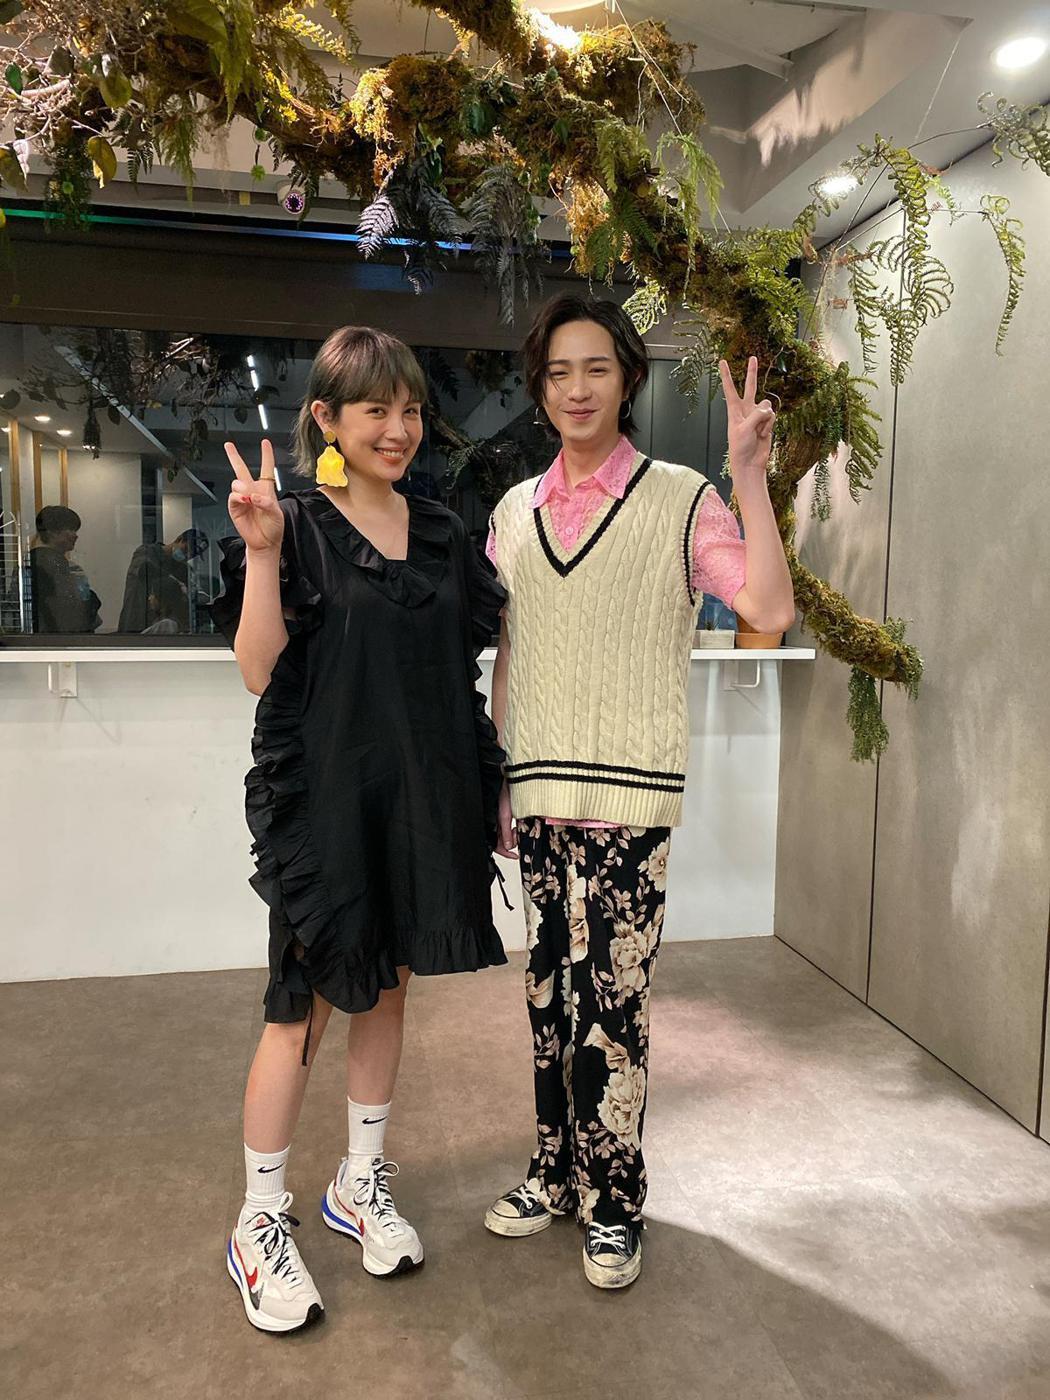 魏如萱(左)的耶誕願望,恐等師弟許含光願望先實現。圖/MTV娛樂台提供